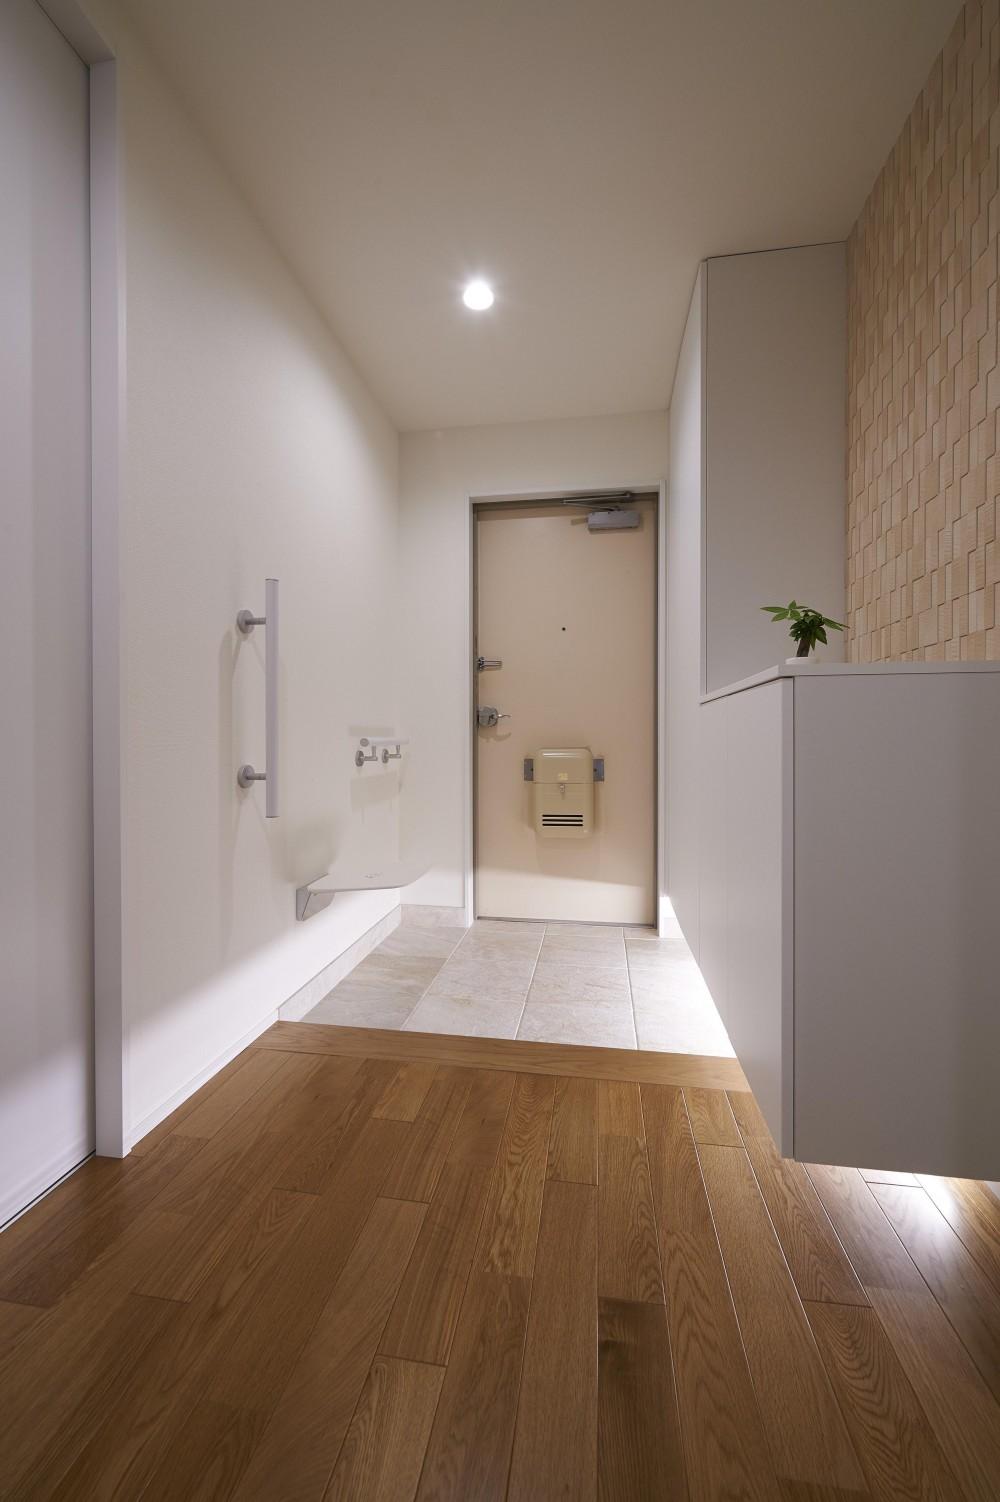 環境利便性を備えた立地にリタイヤ後に焦点を当てたバリアフリータイプ (玄関)